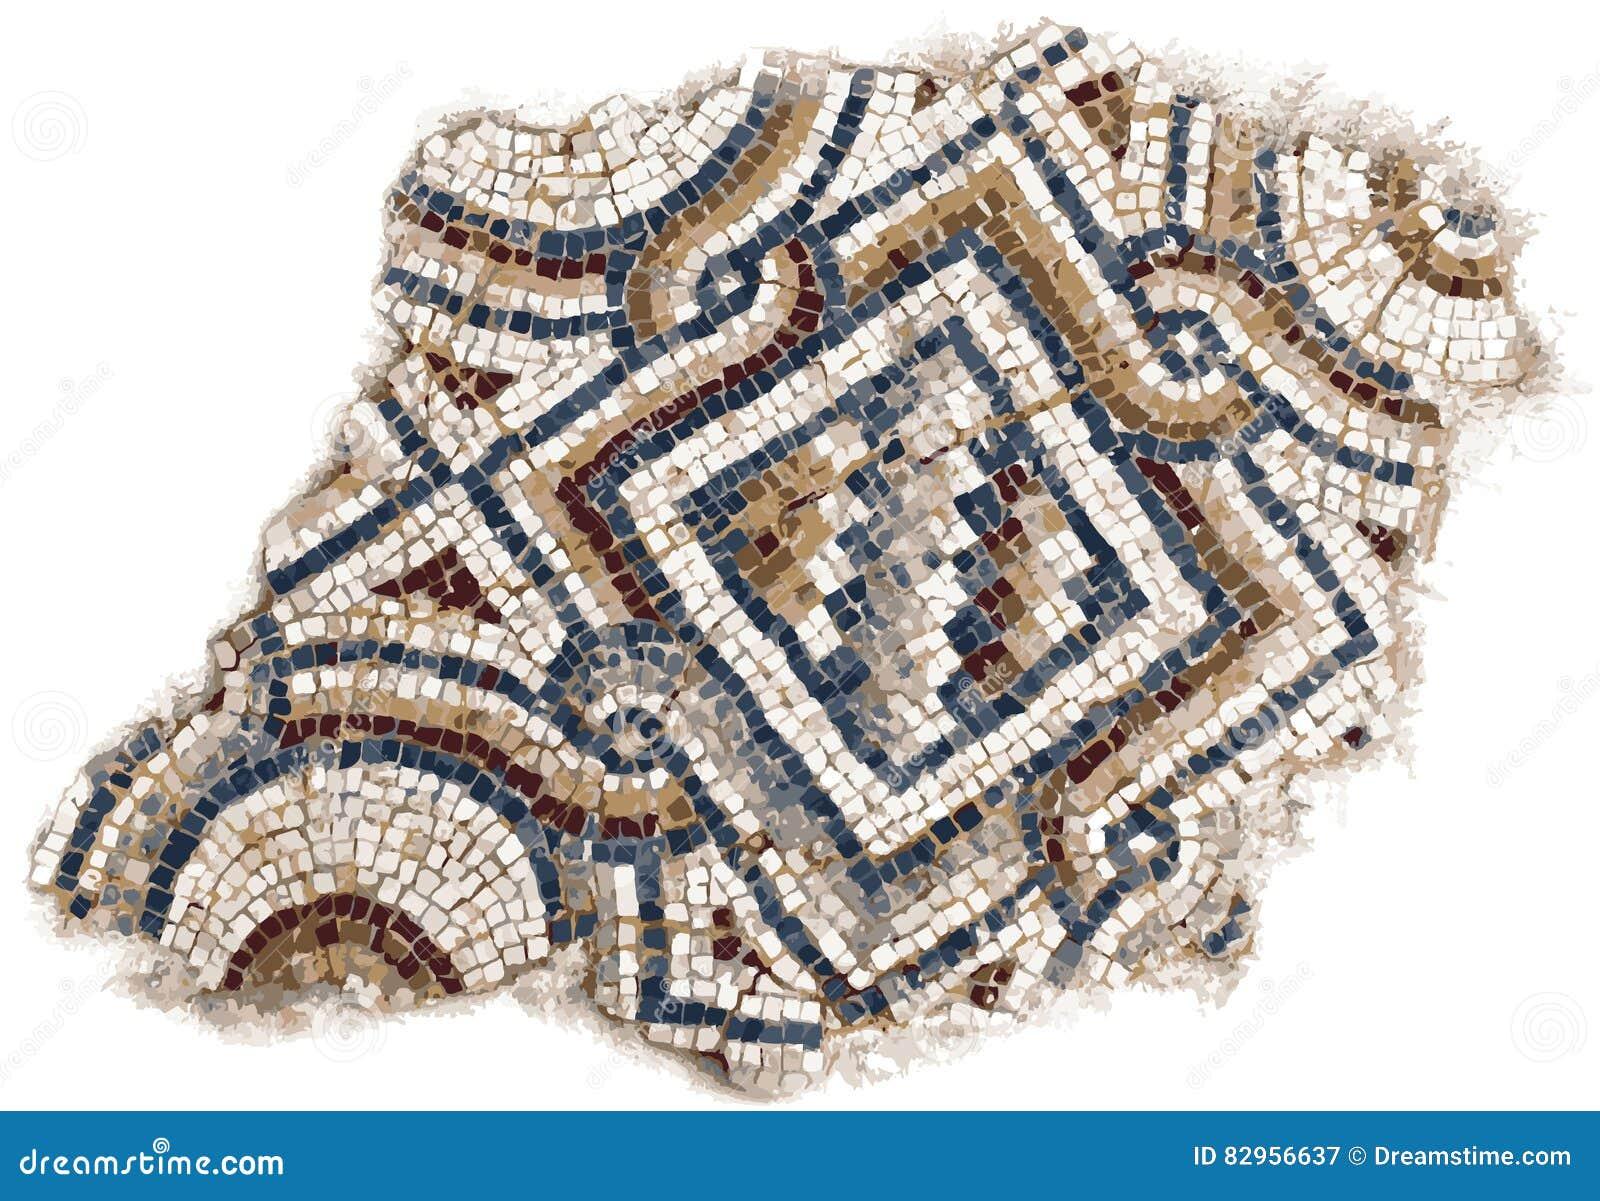 Roman mosaics illustration